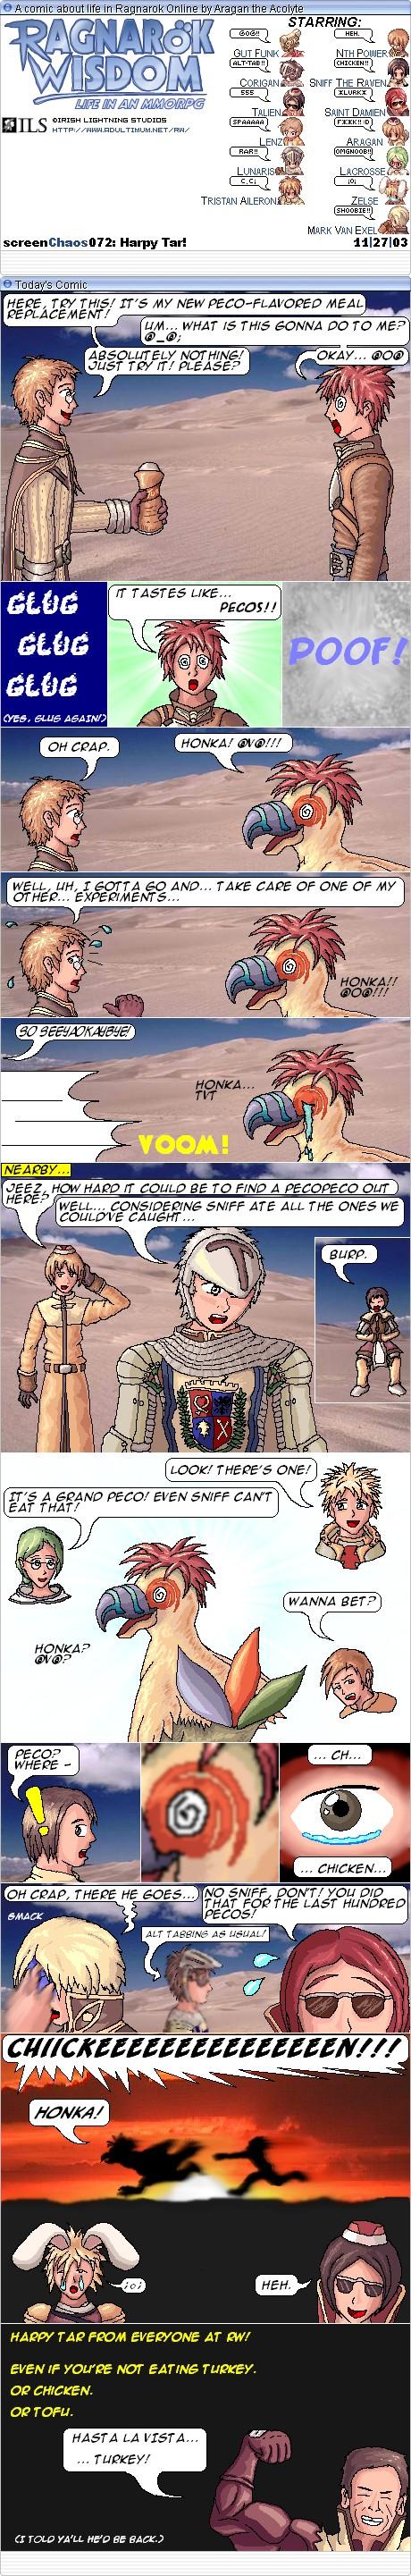 Comic #80